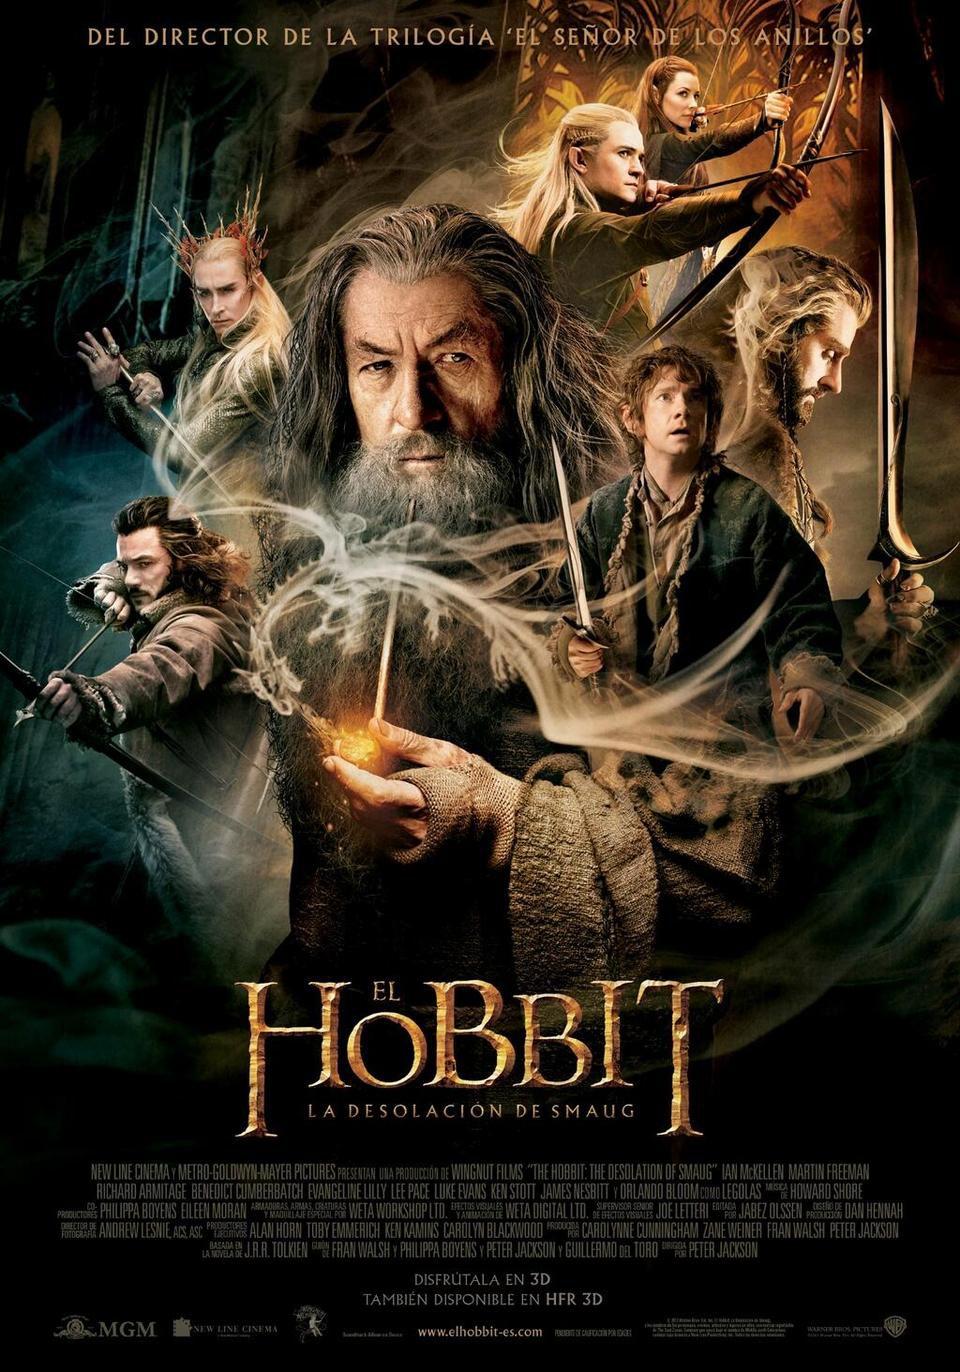 Cartel España de 'El Hobbit: La desolación de Smaug'